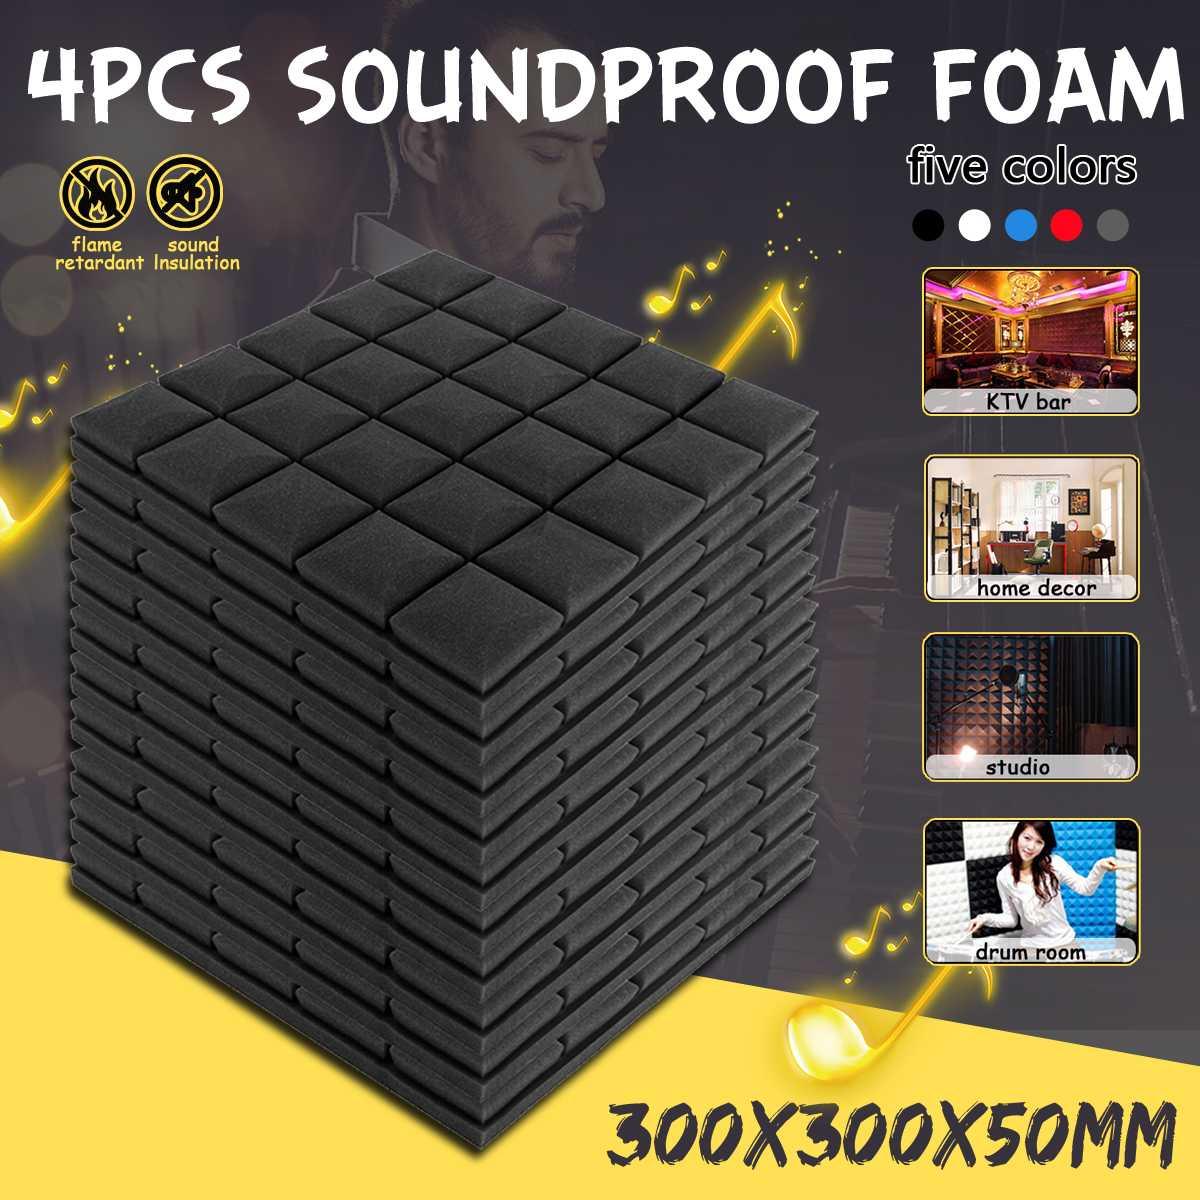 4 Pcs 30x30x5cm Studio Acoustic Soundproof Foam Sound Absorption Treatment Panel Tile Wedge Protective Sponge4 Pcs 30x30x5cm Studio Acoustic Soundproof Foam Sound Absorption Treatment Panel Tile Wedge Protective Sponge